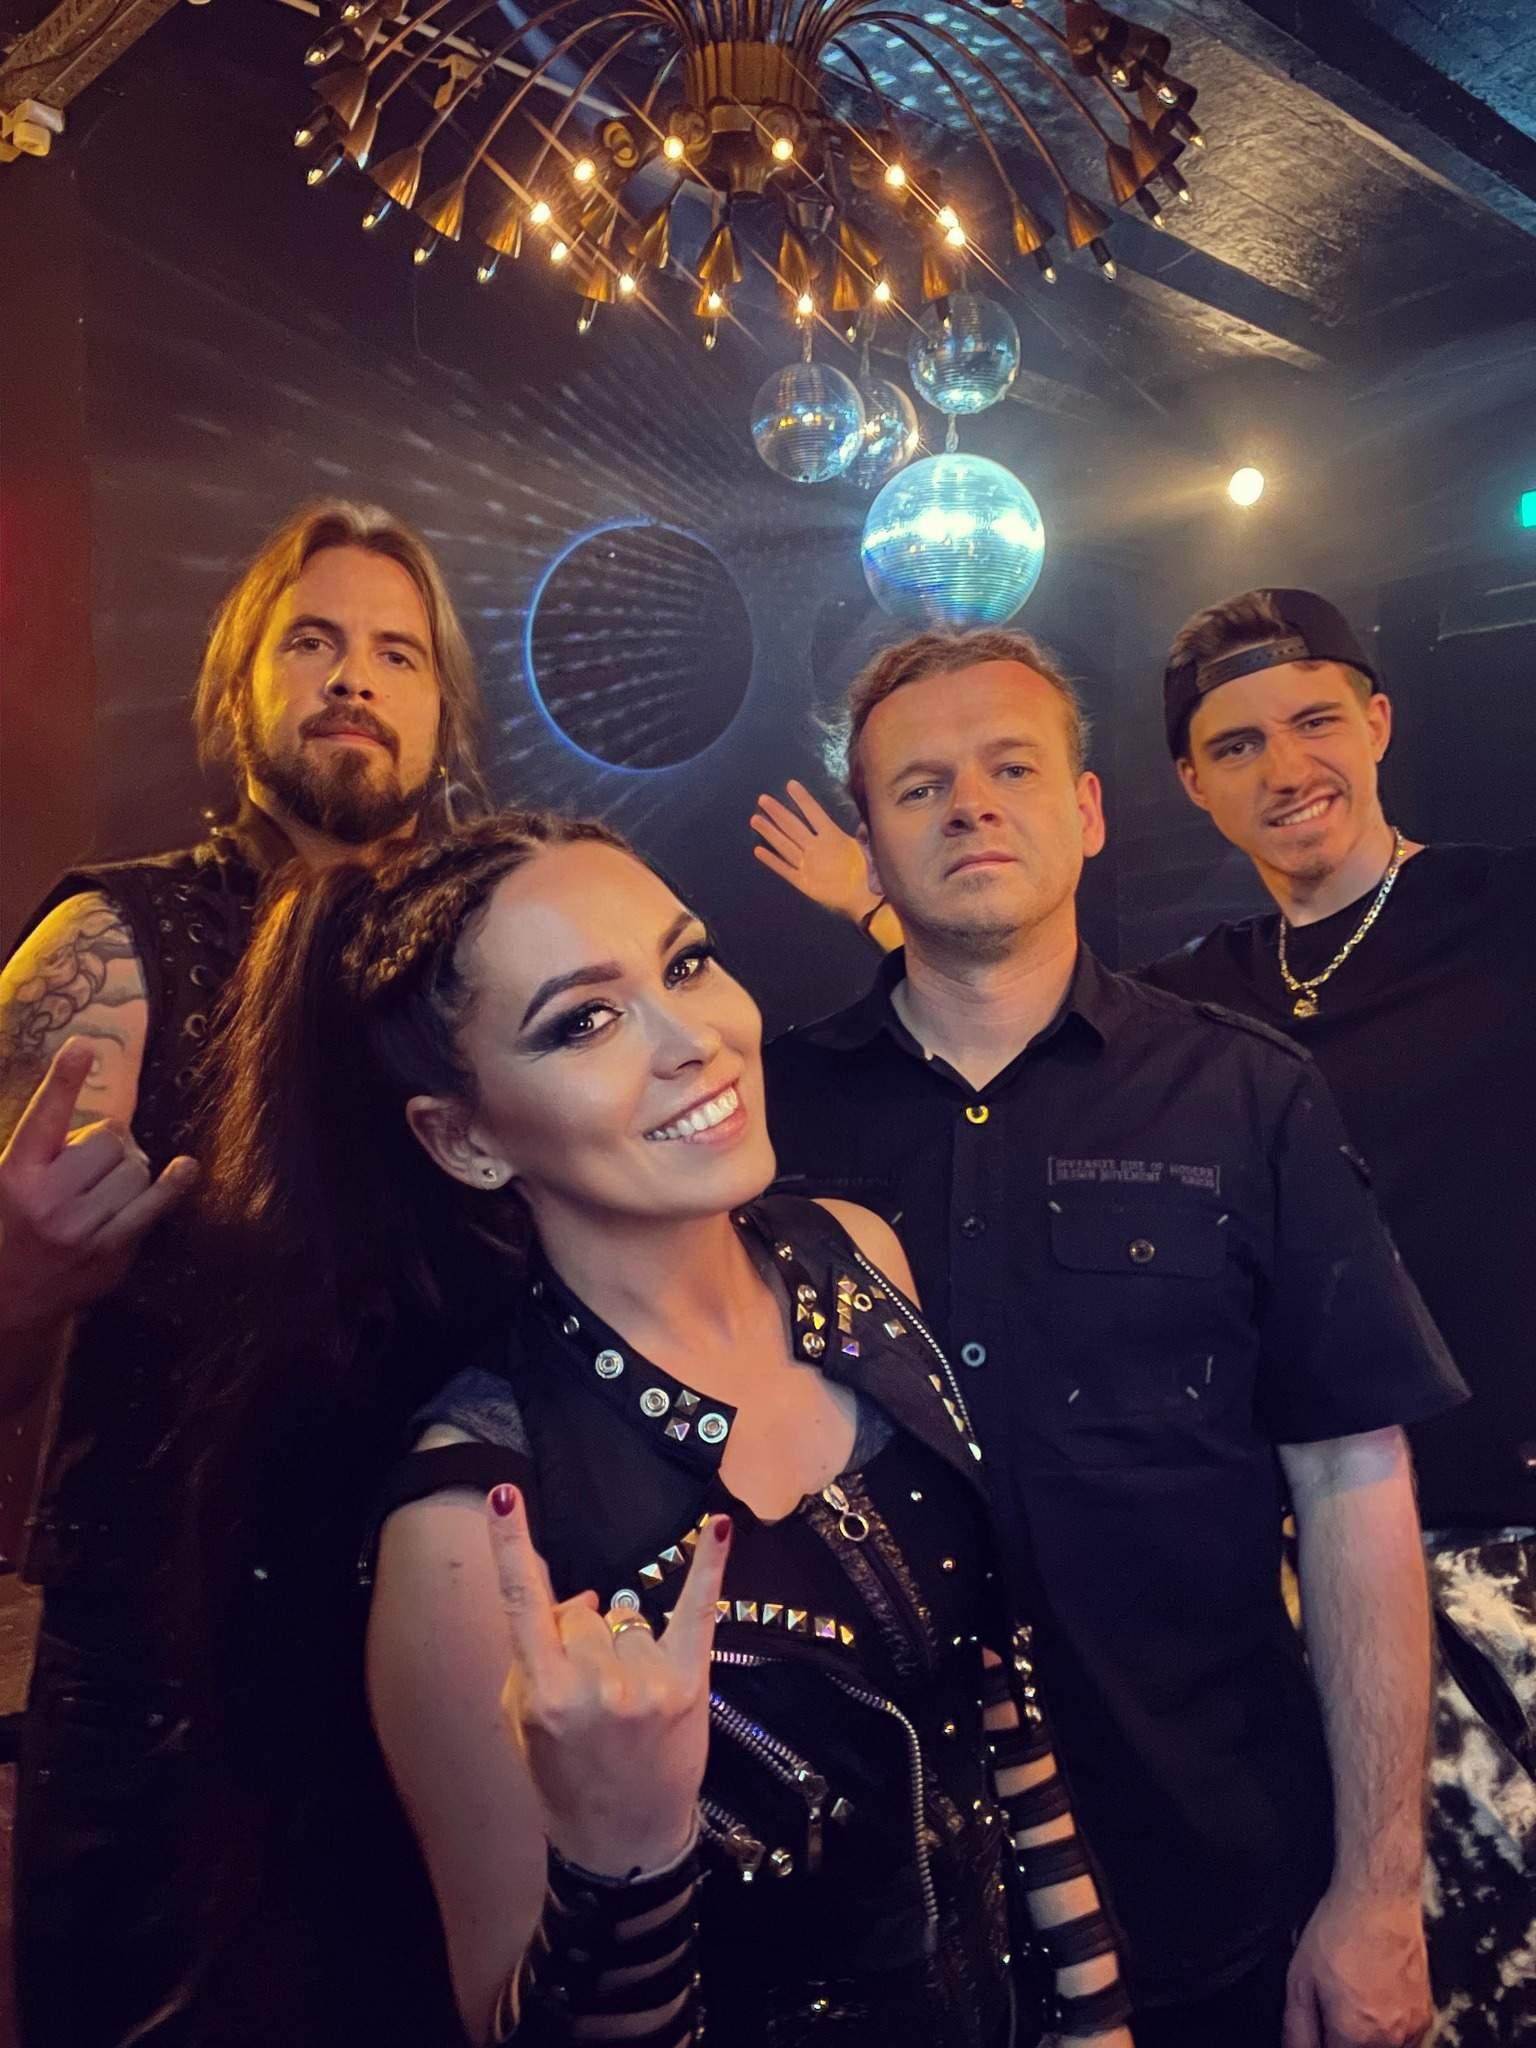 Crystal Viper - Photo